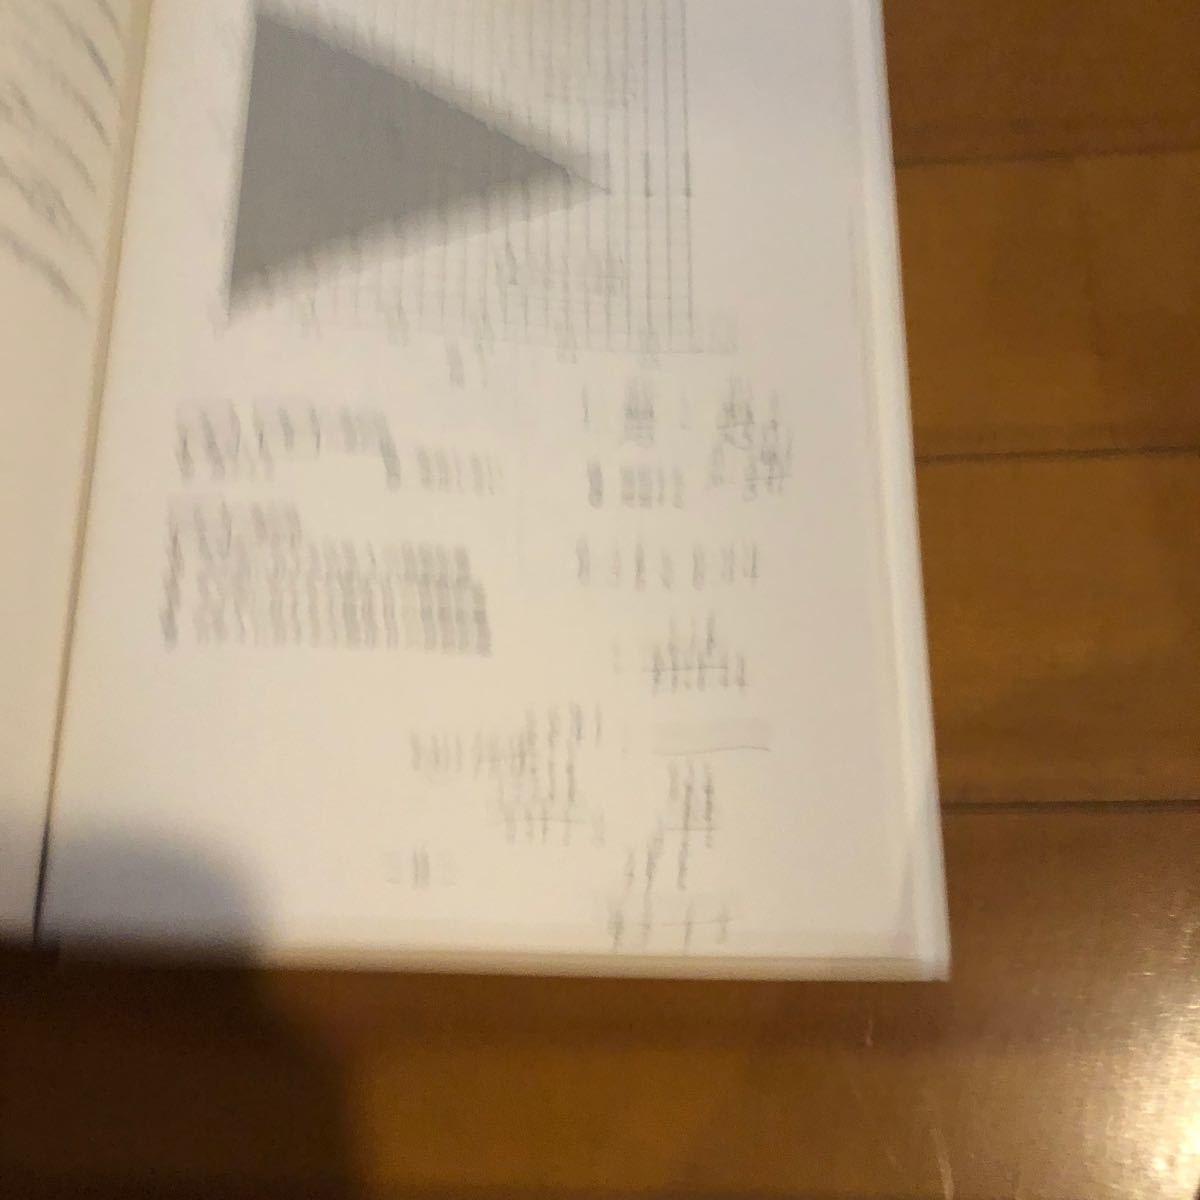 共通テスト対策問題集マーク式実戦問題編物理 2021年版/全国入試模試センター 駿台